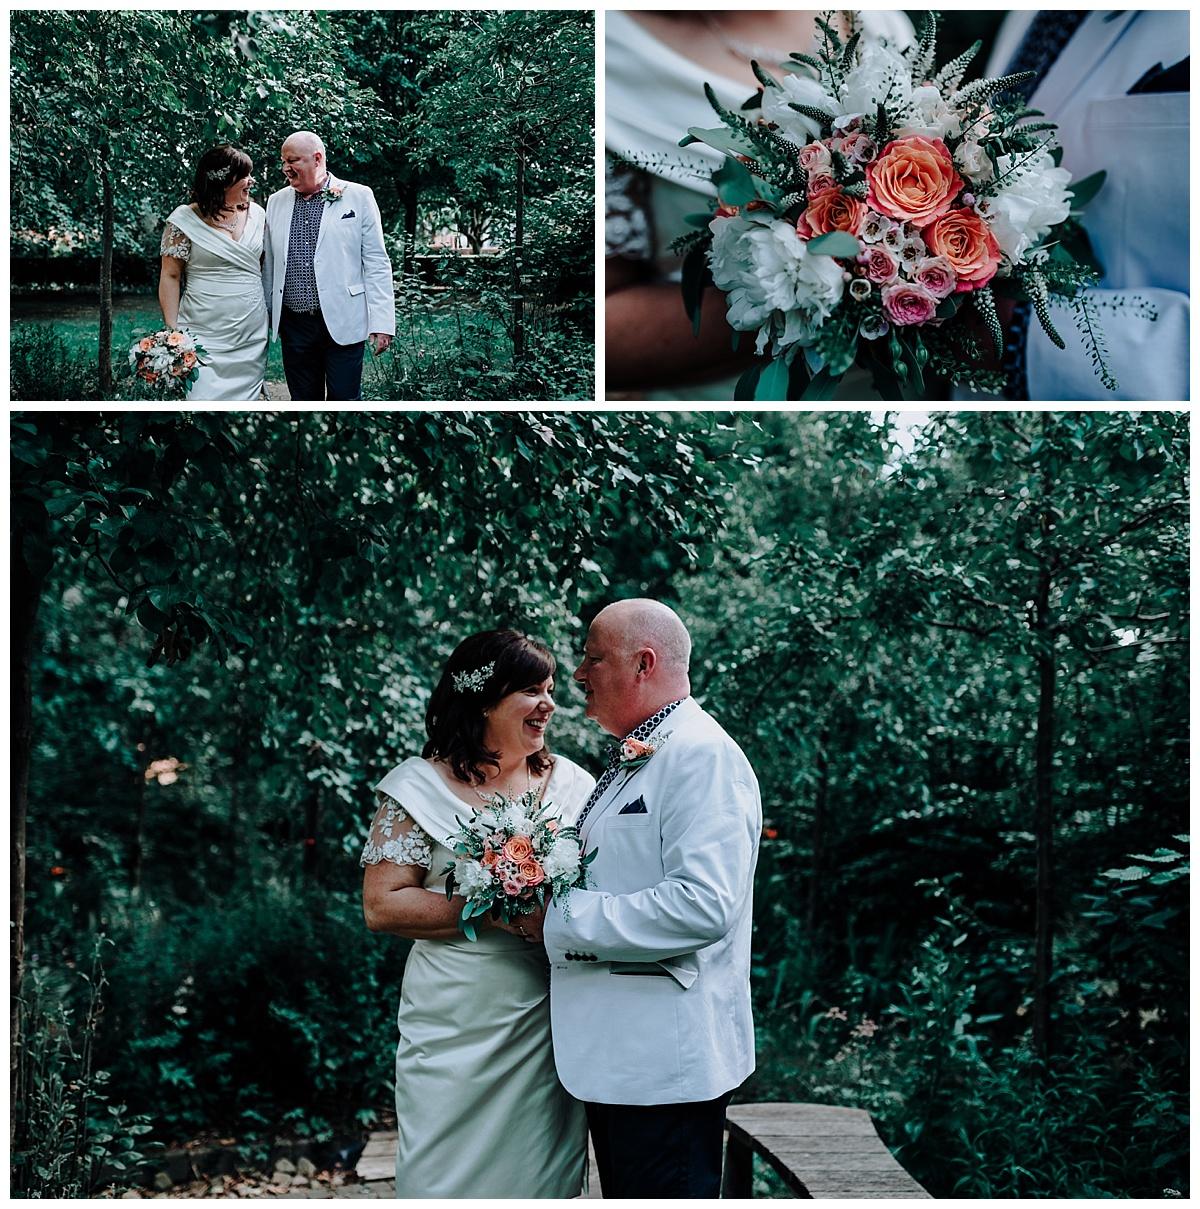 Allison & Carl in gardens in Manchester on wedding day